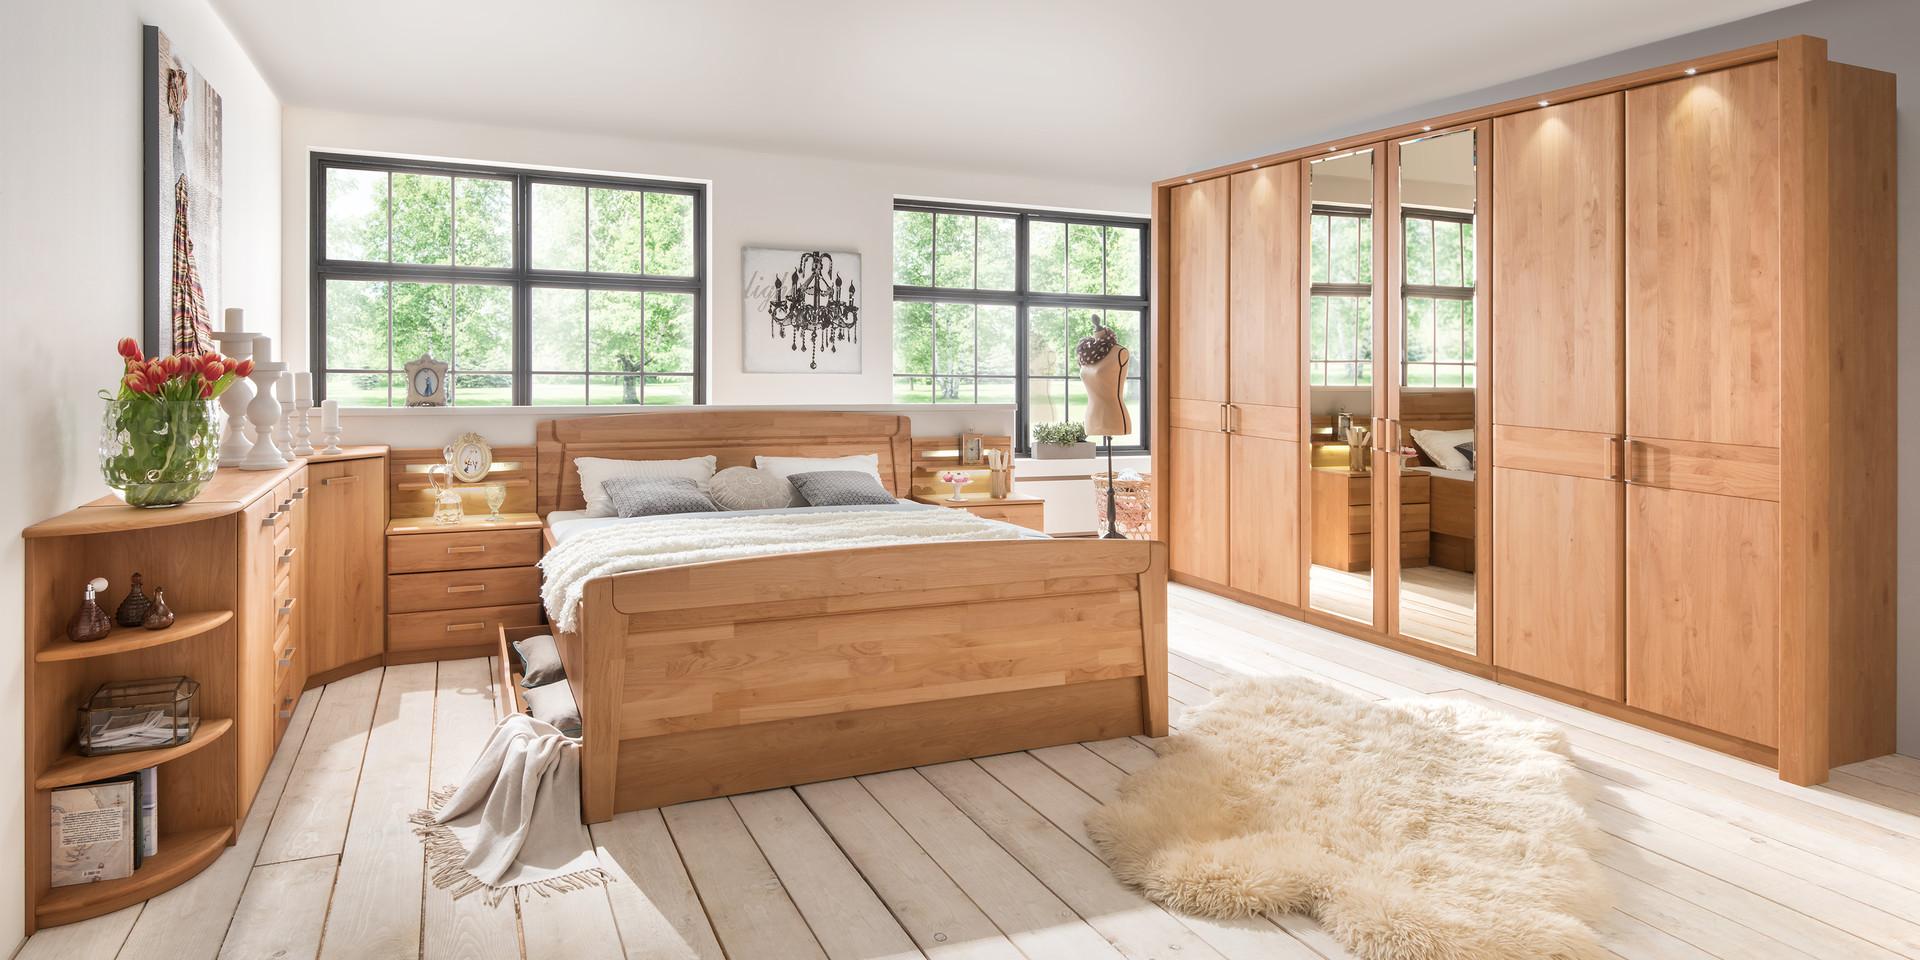 erleben sie das schlafzimmer lausanne m belhersteller. Black Bedroom Furniture Sets. Home Design Ideas